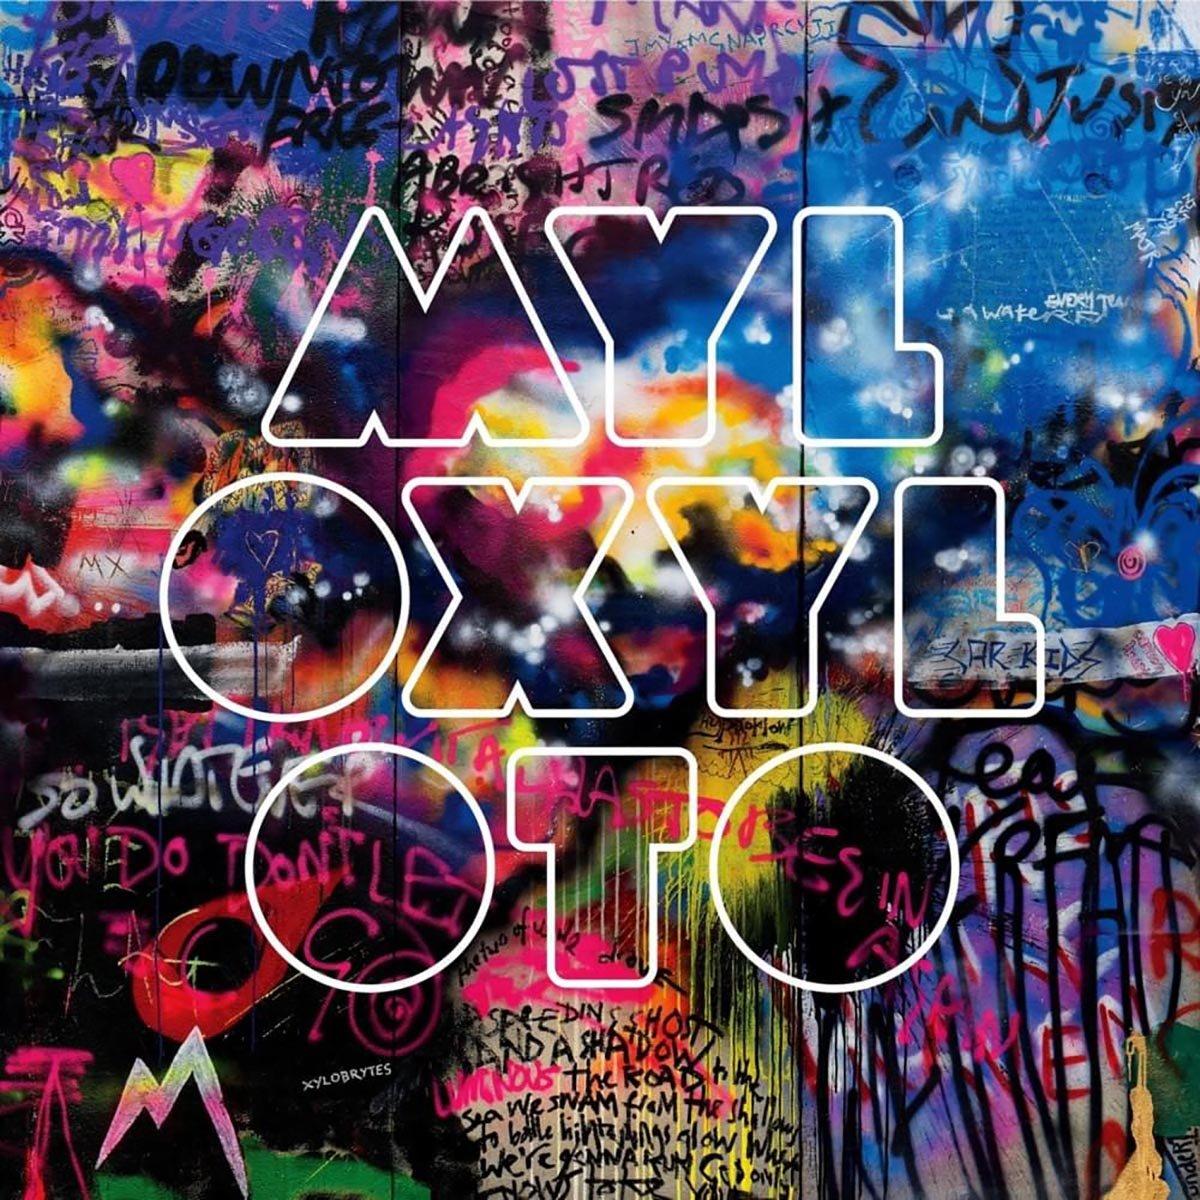 Coldplay, Mylo Xyloto